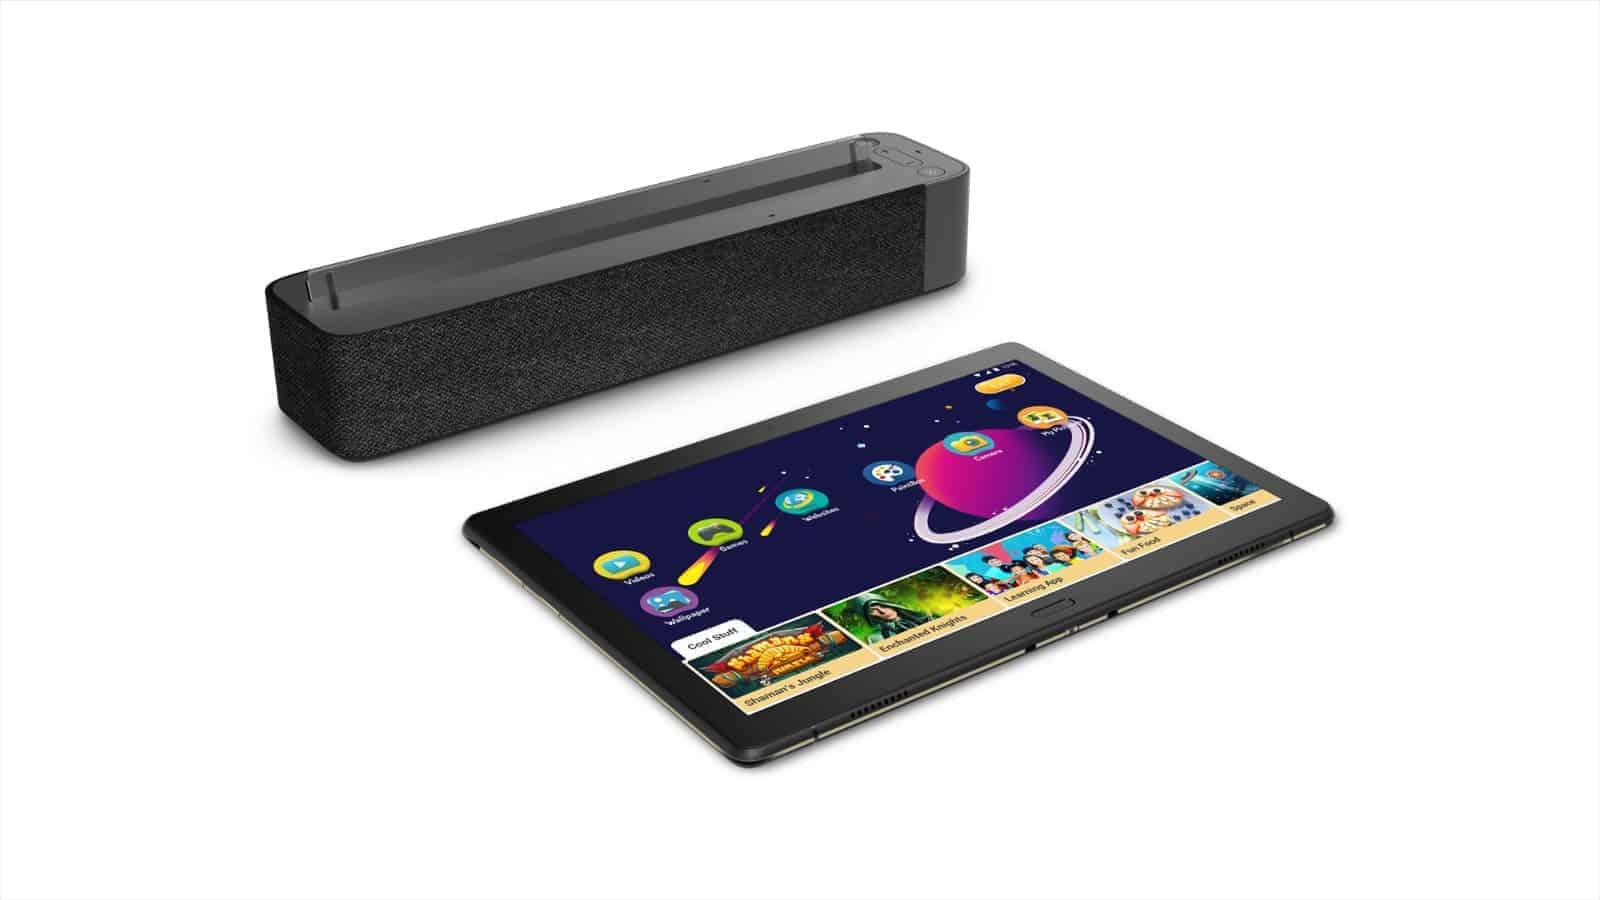 Lenovo Smart Tab P10 image 24